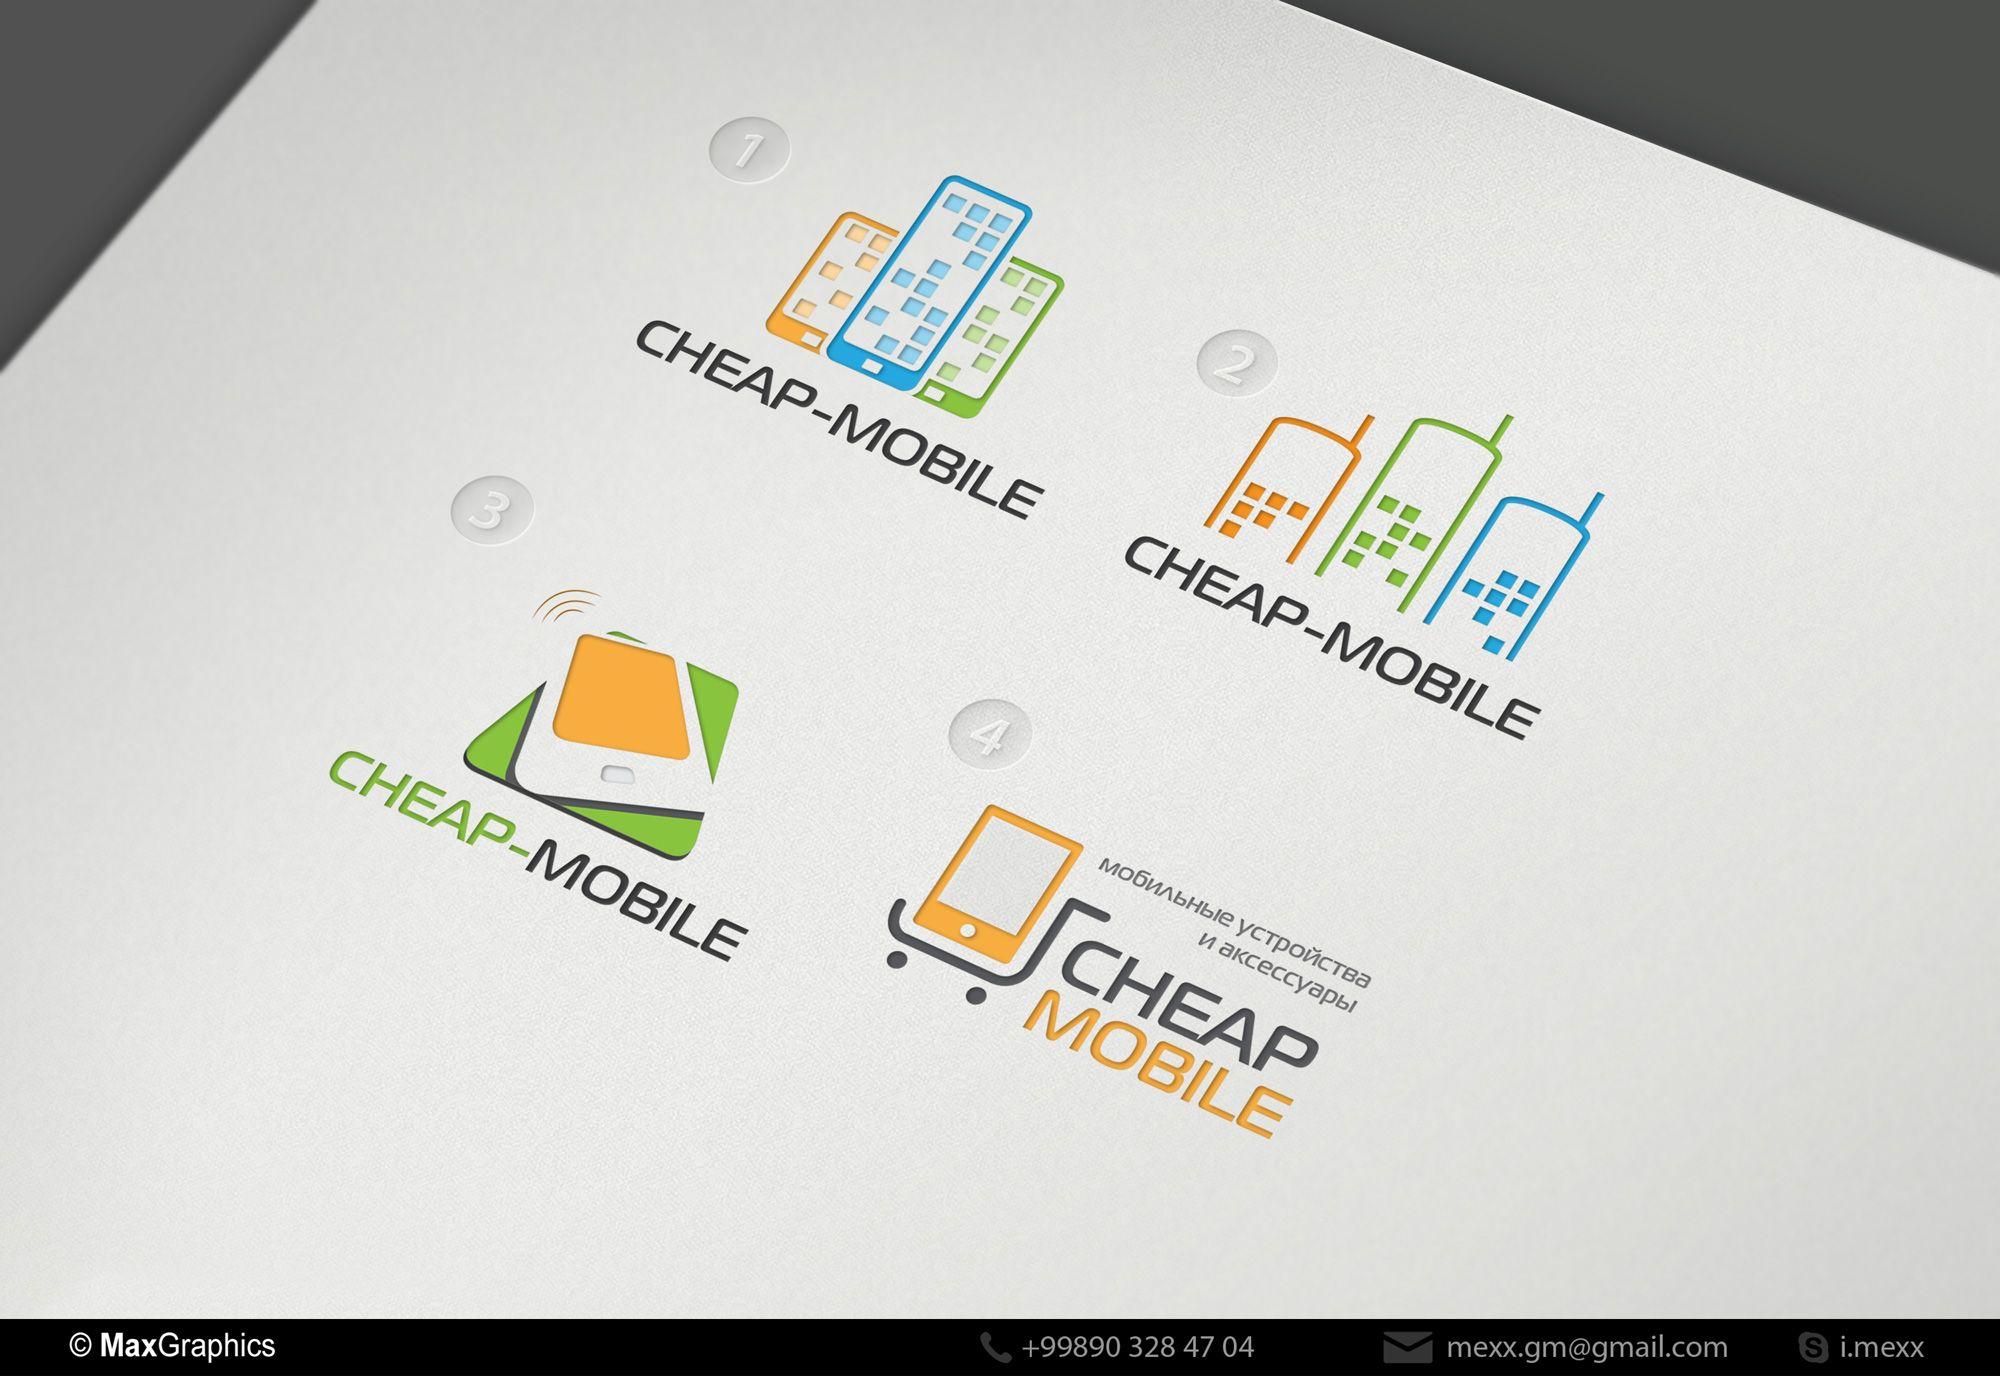 Лого и фирменный стиль для ИМ (Мобильные телефоны) - дизайнер Kreativa